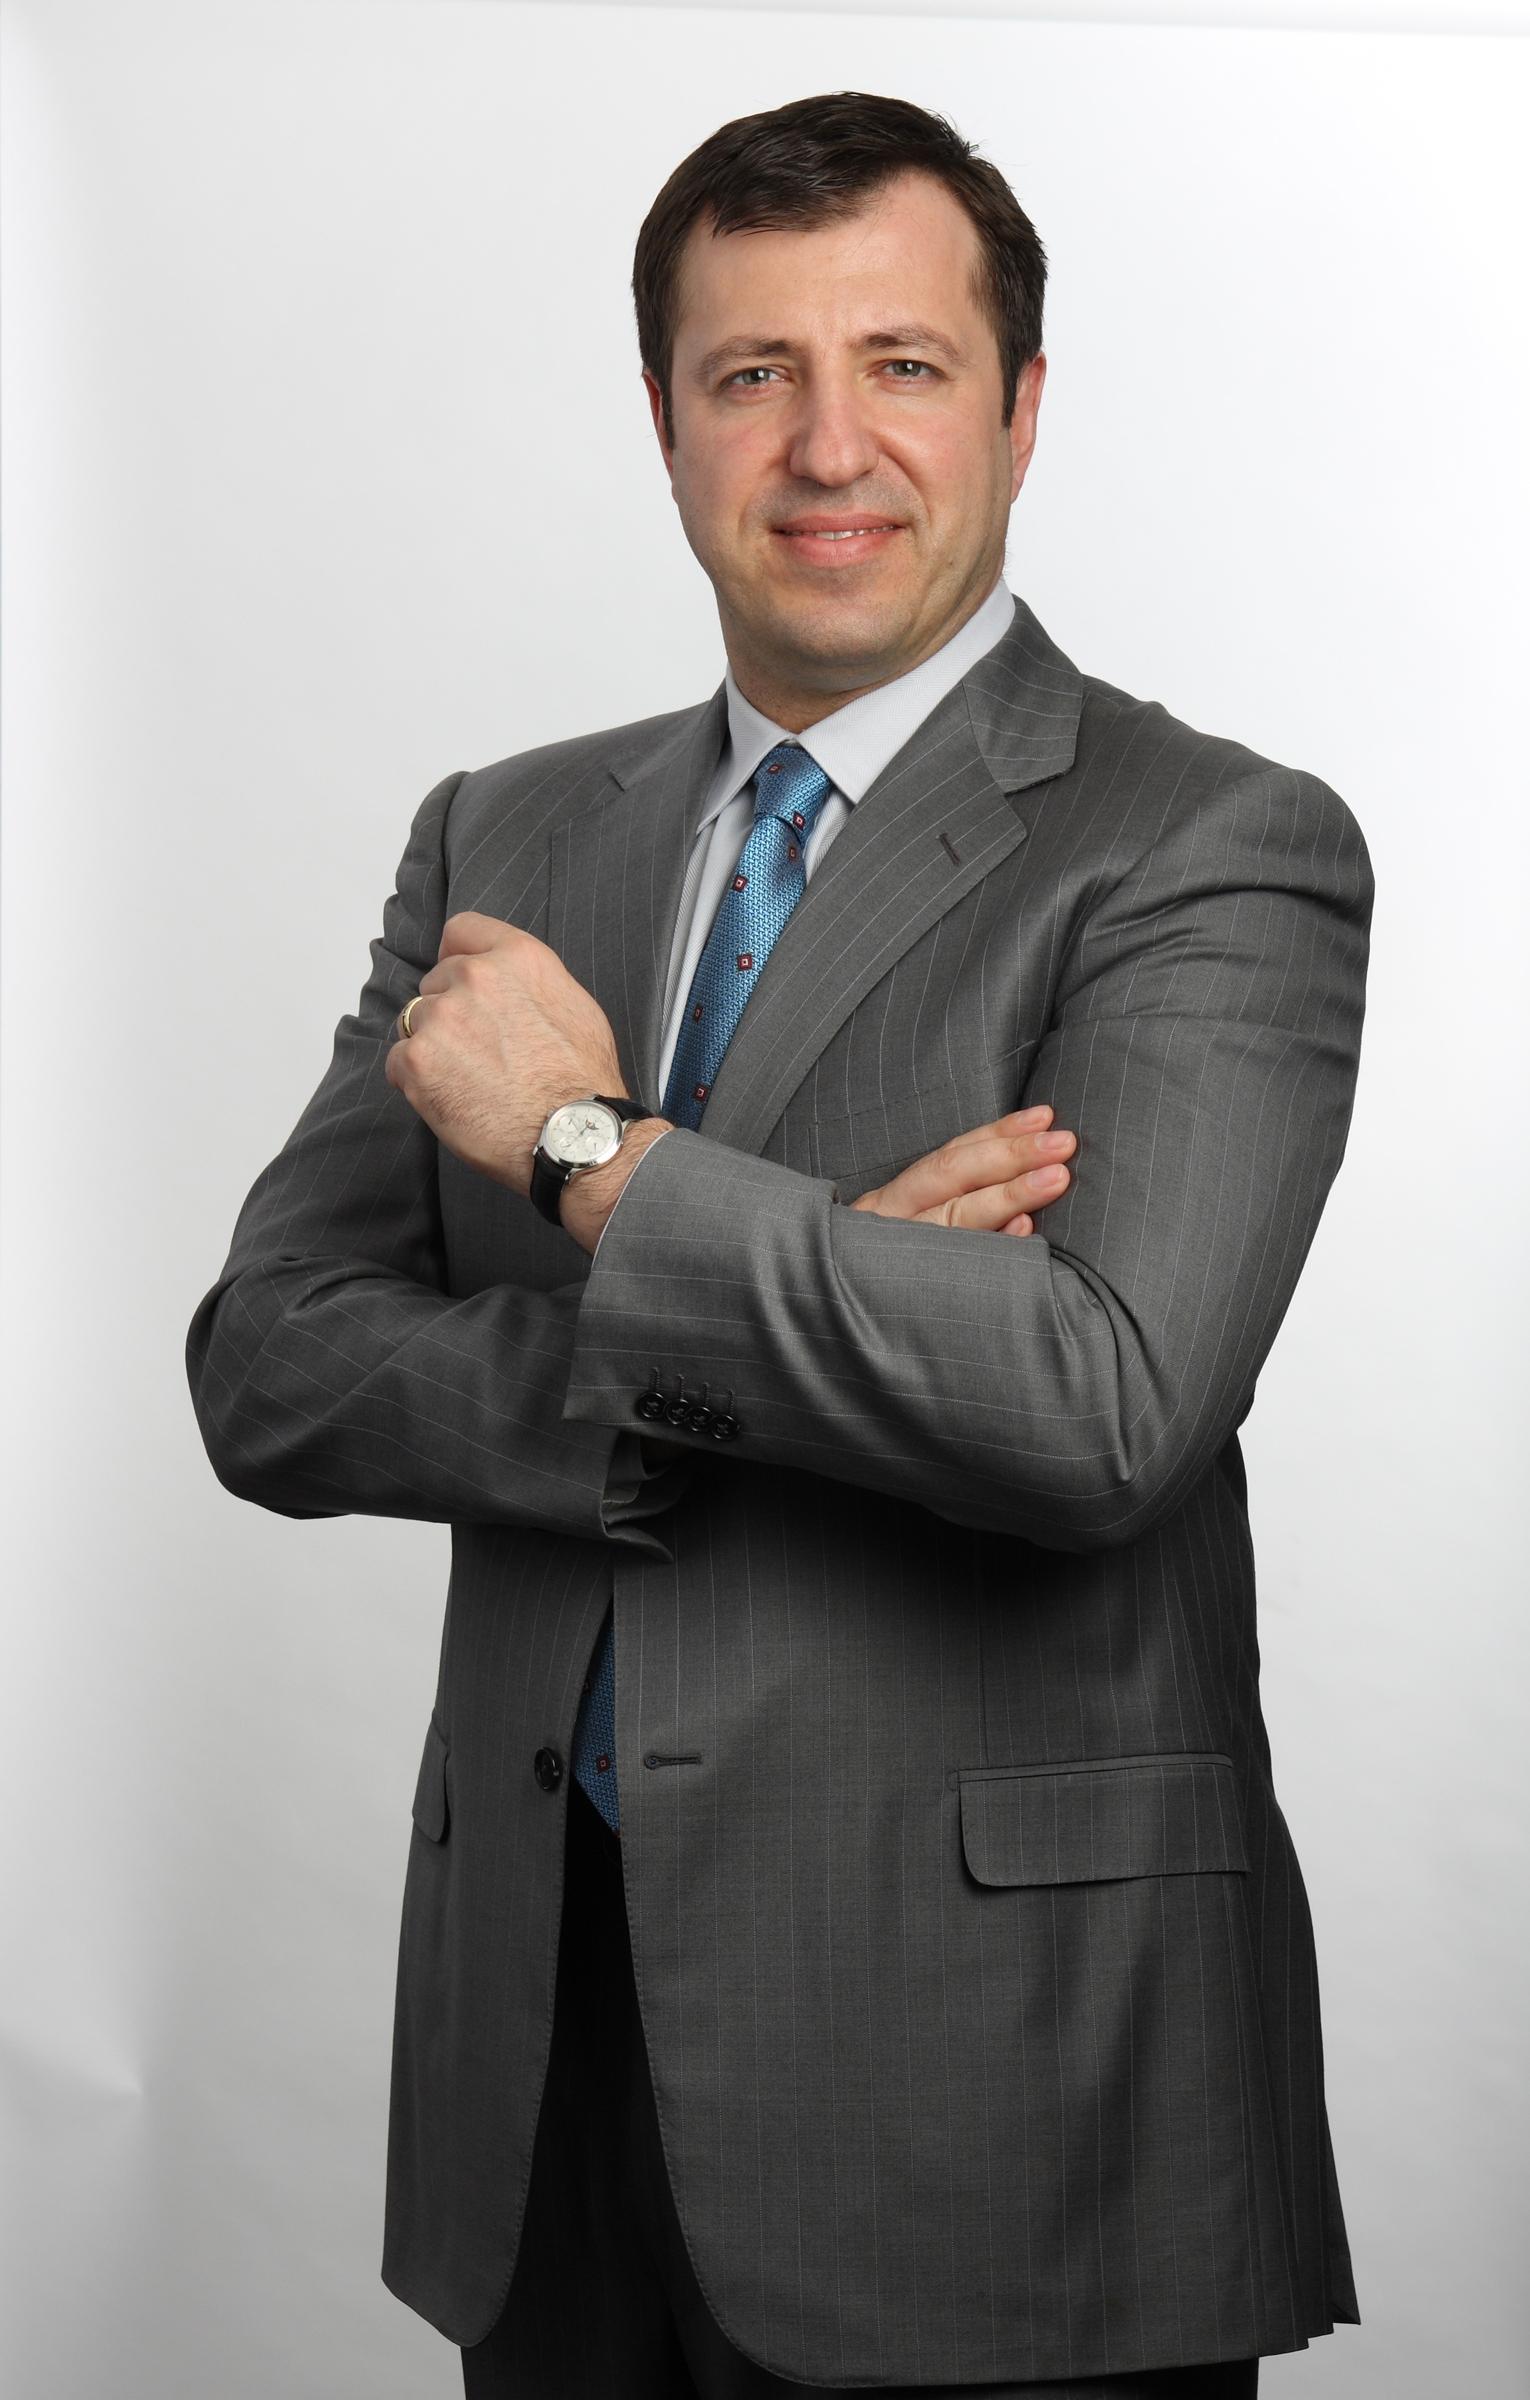 Sadri Ozan Sozer, MD